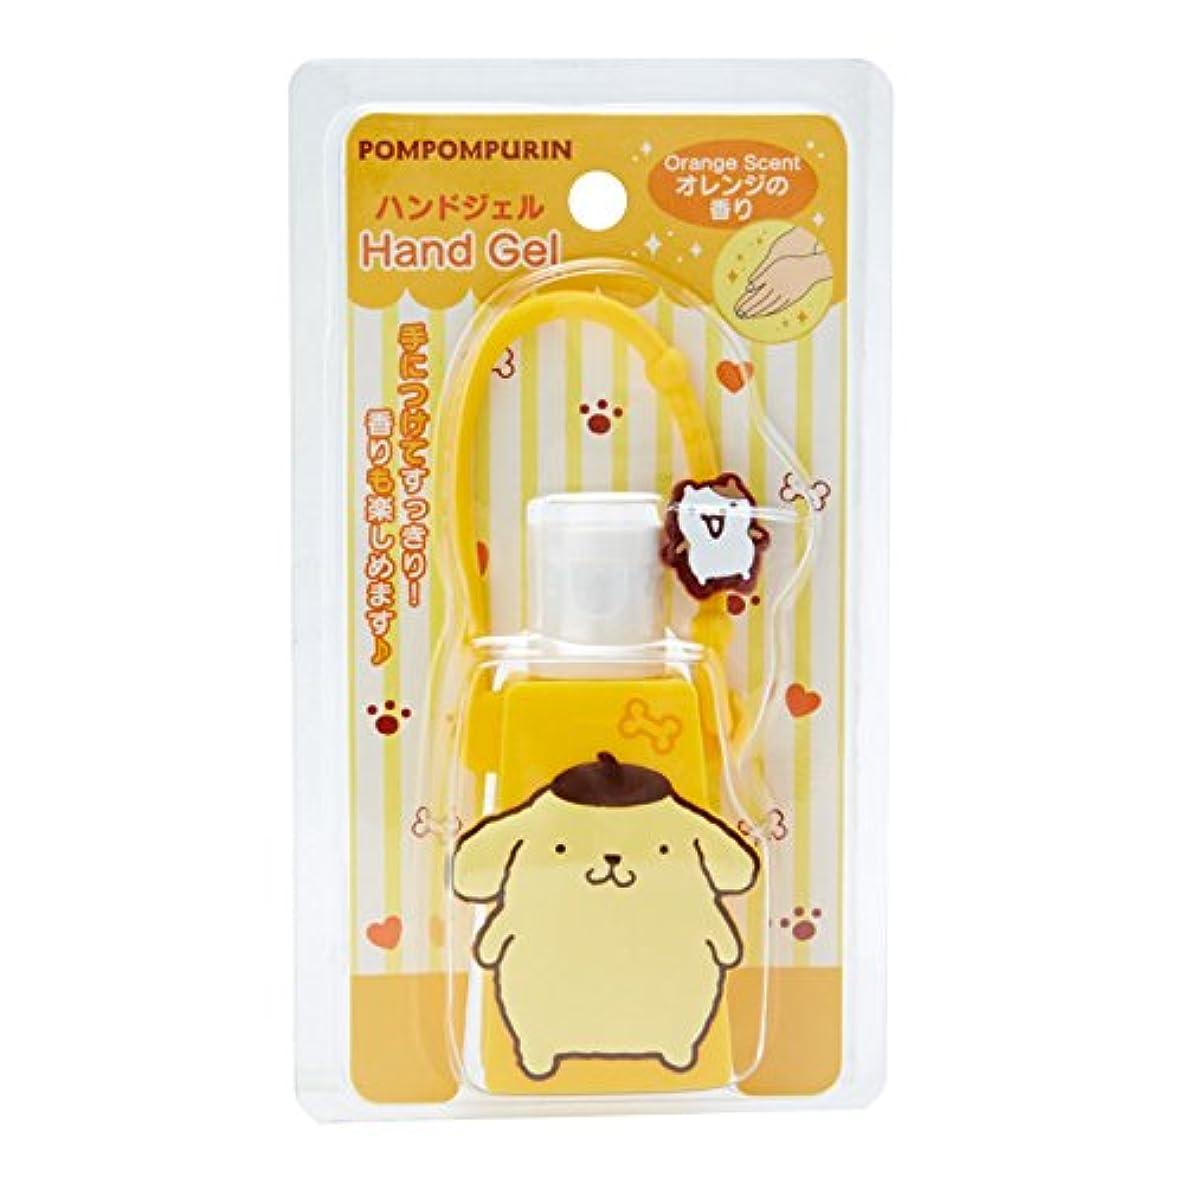 メモレキシコン履歴書ポムポムプリン 携帯ハンドジェル(オレンジの香り)